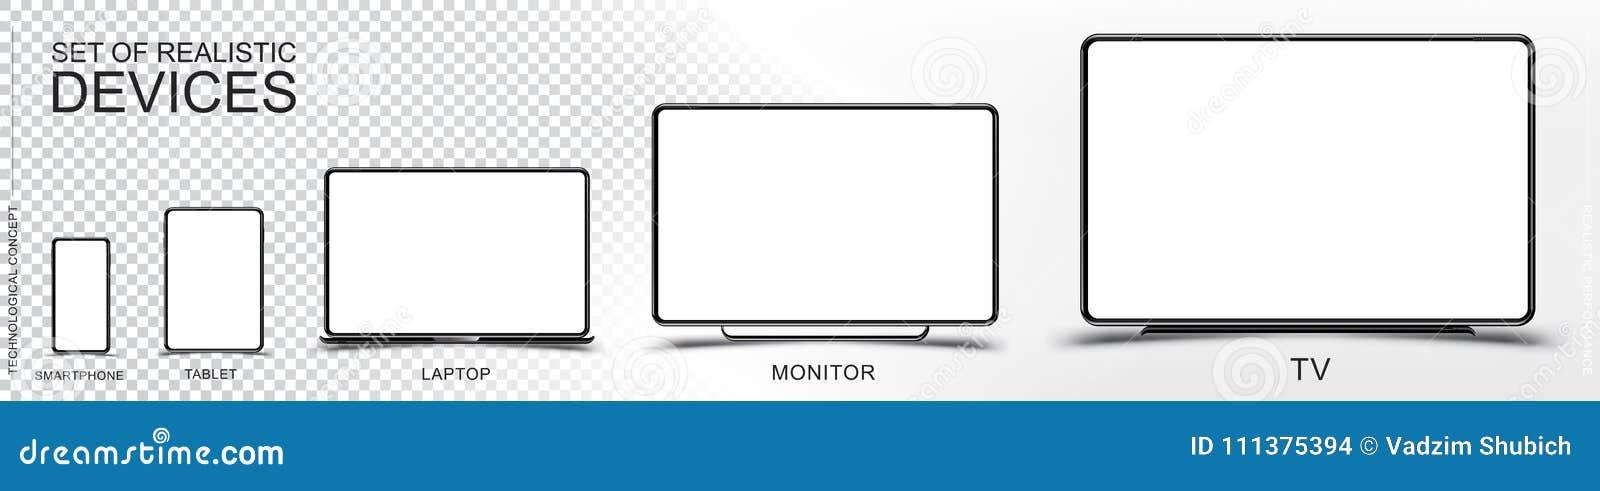 Fije la maqueta de dispositivos realistas Smartphone, tableta, ordenador portátil, monitor y TV en un fondo transparente y blanco